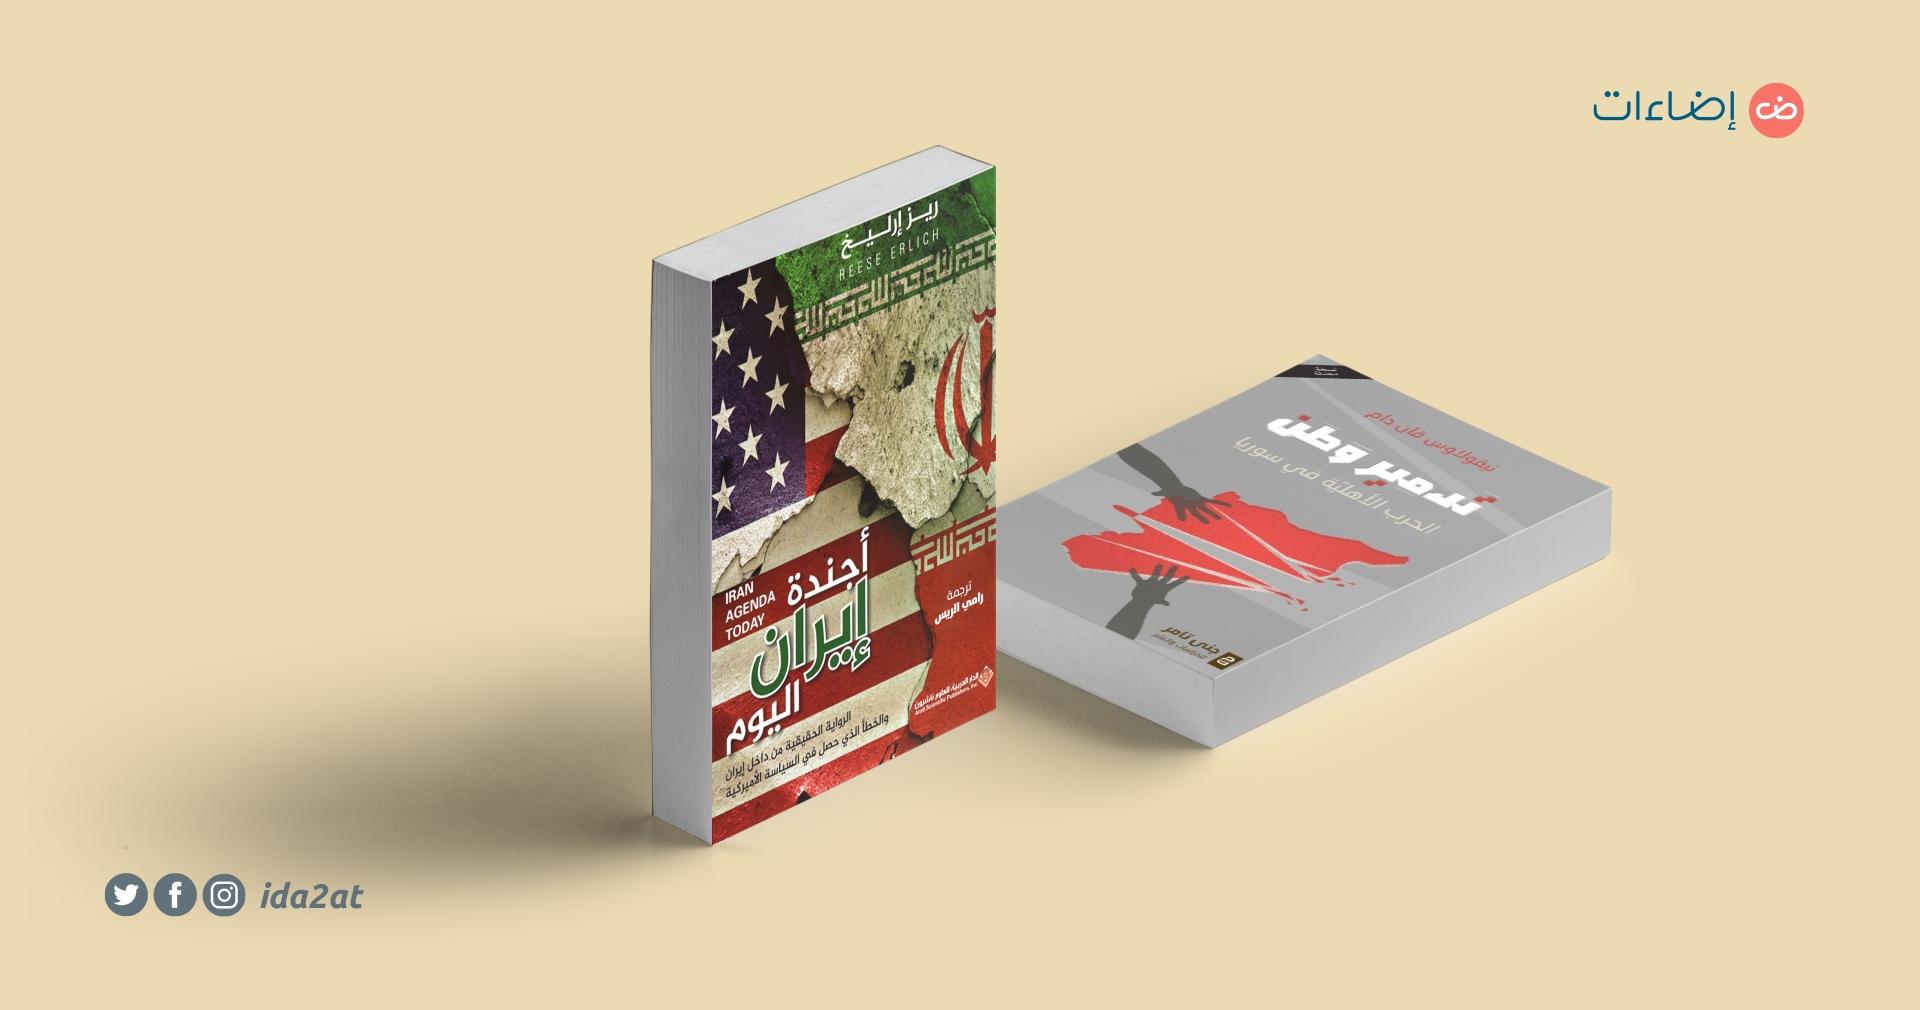 كيف نفهم ما يجري في المنطقة العربية؟ 7 كتب تجيبك – إضاءات